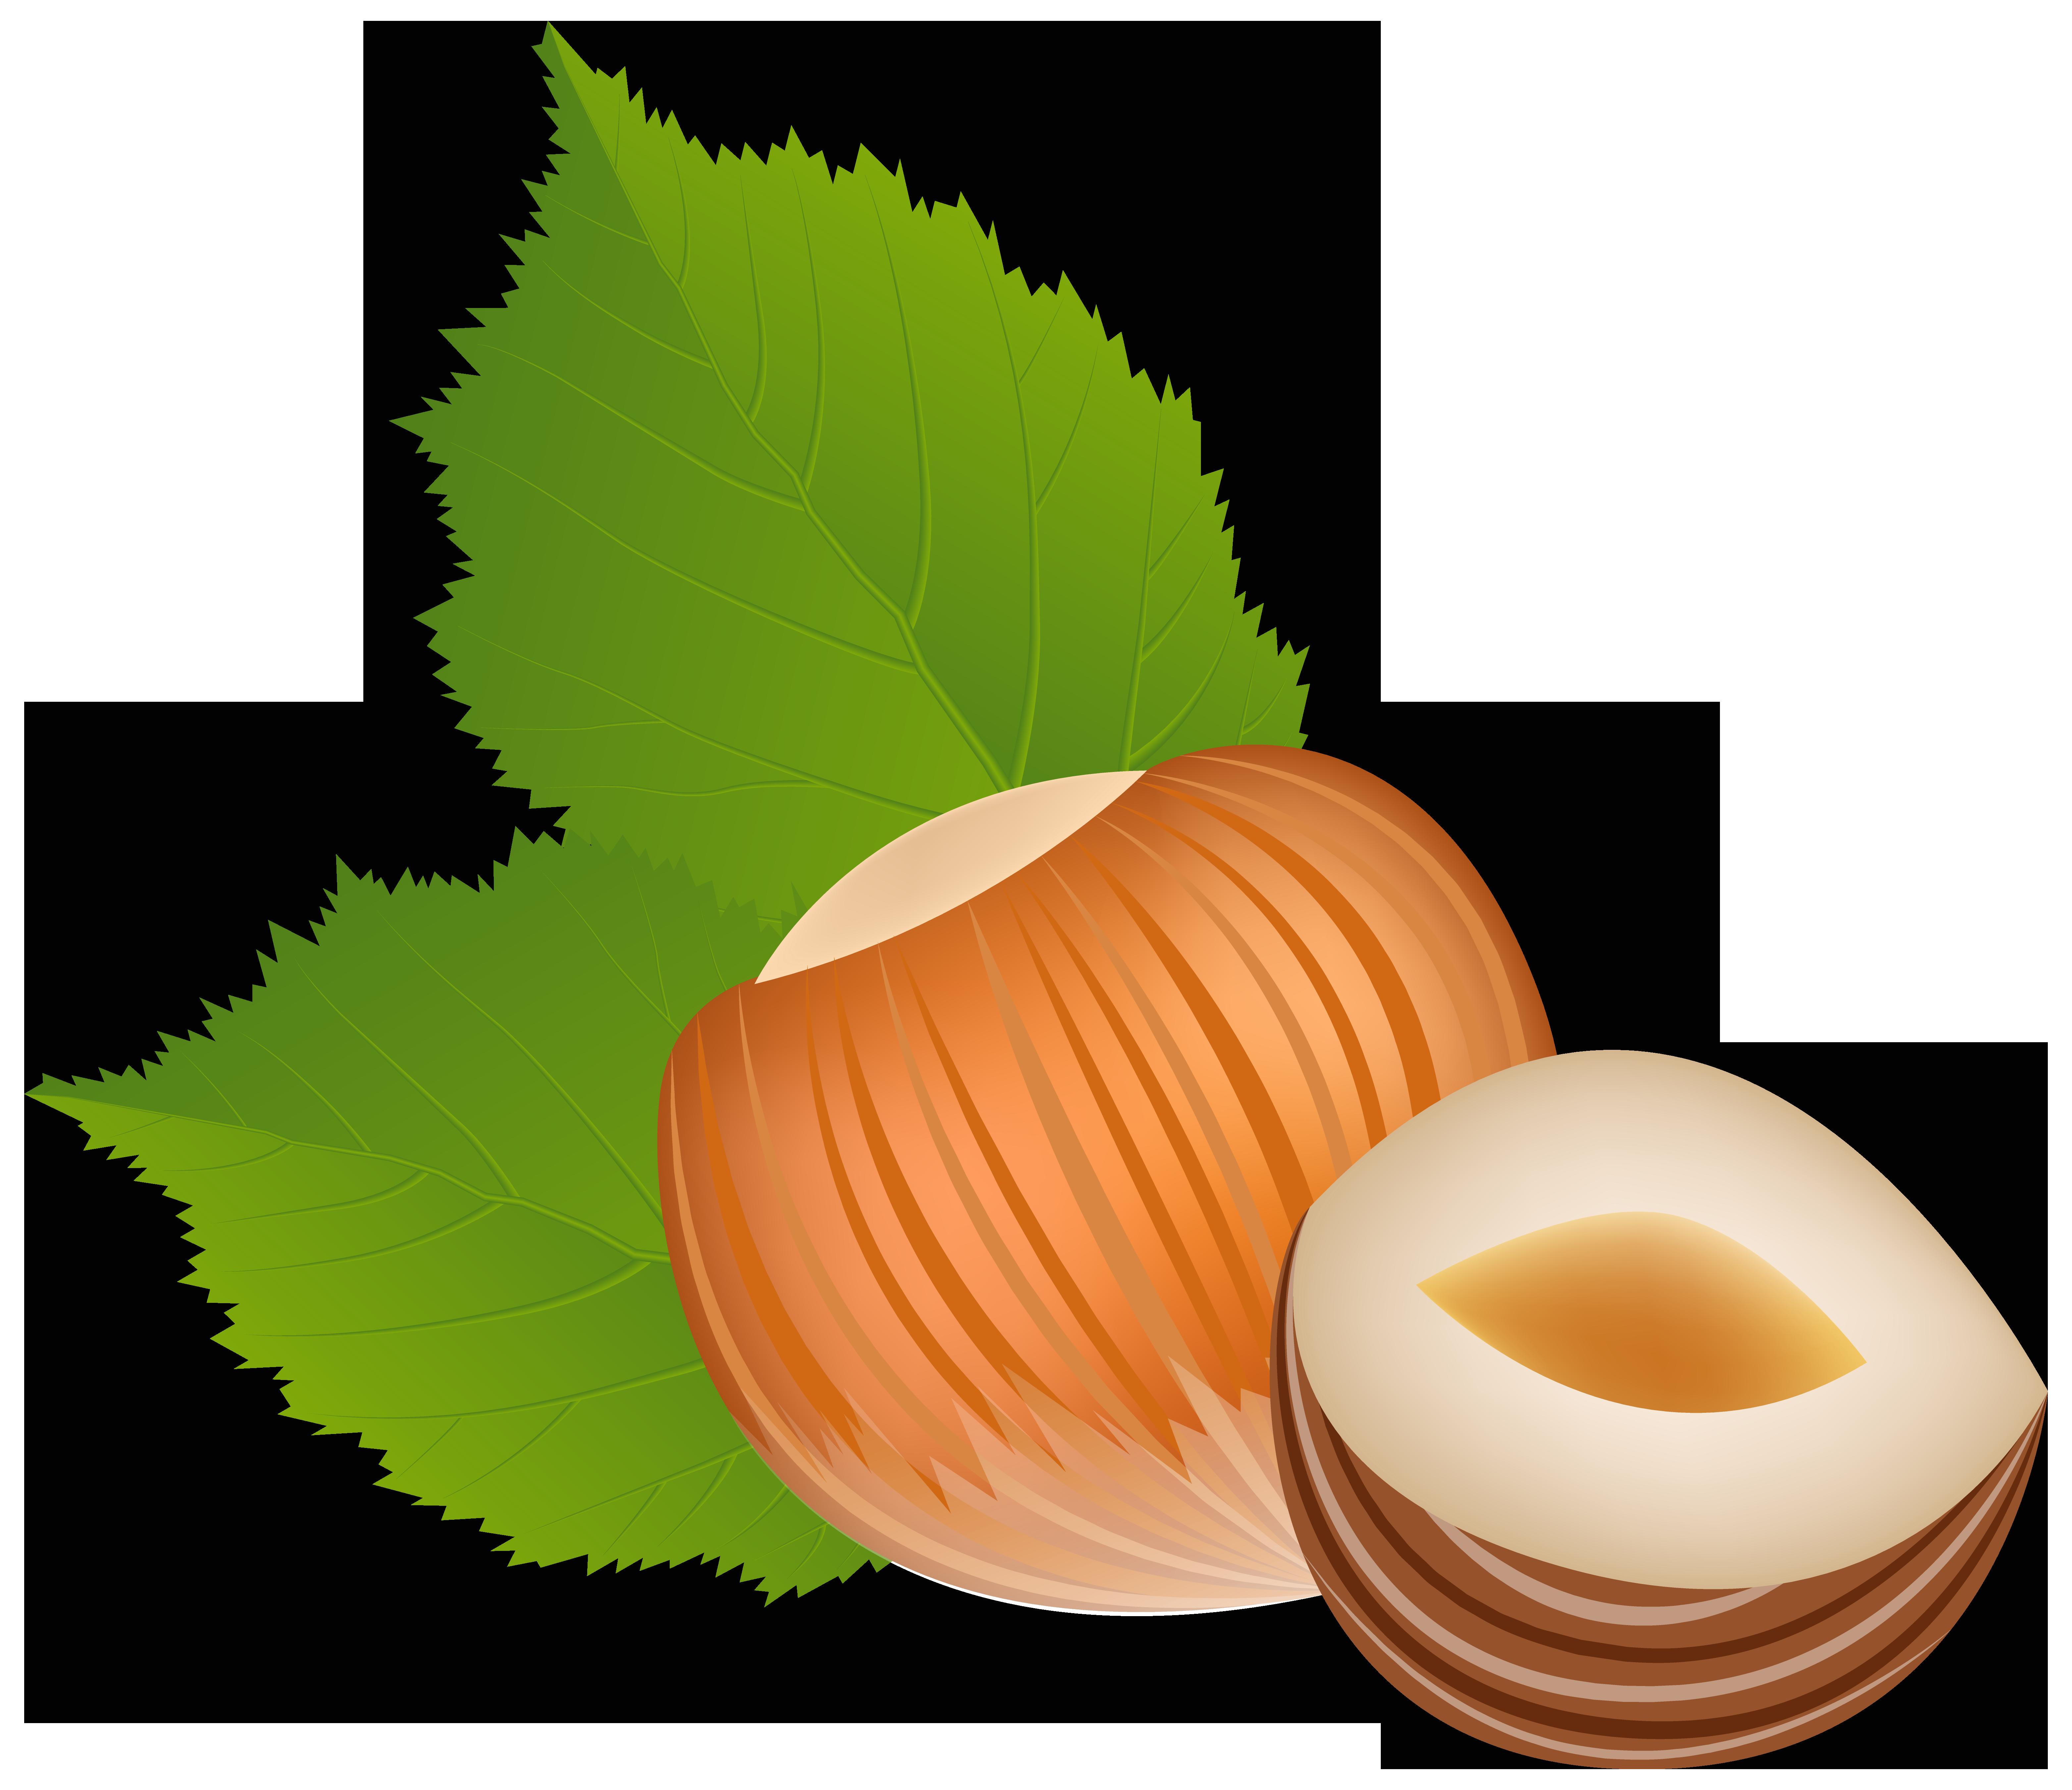 Nut clipart clip art. Hazelnut transparent png image